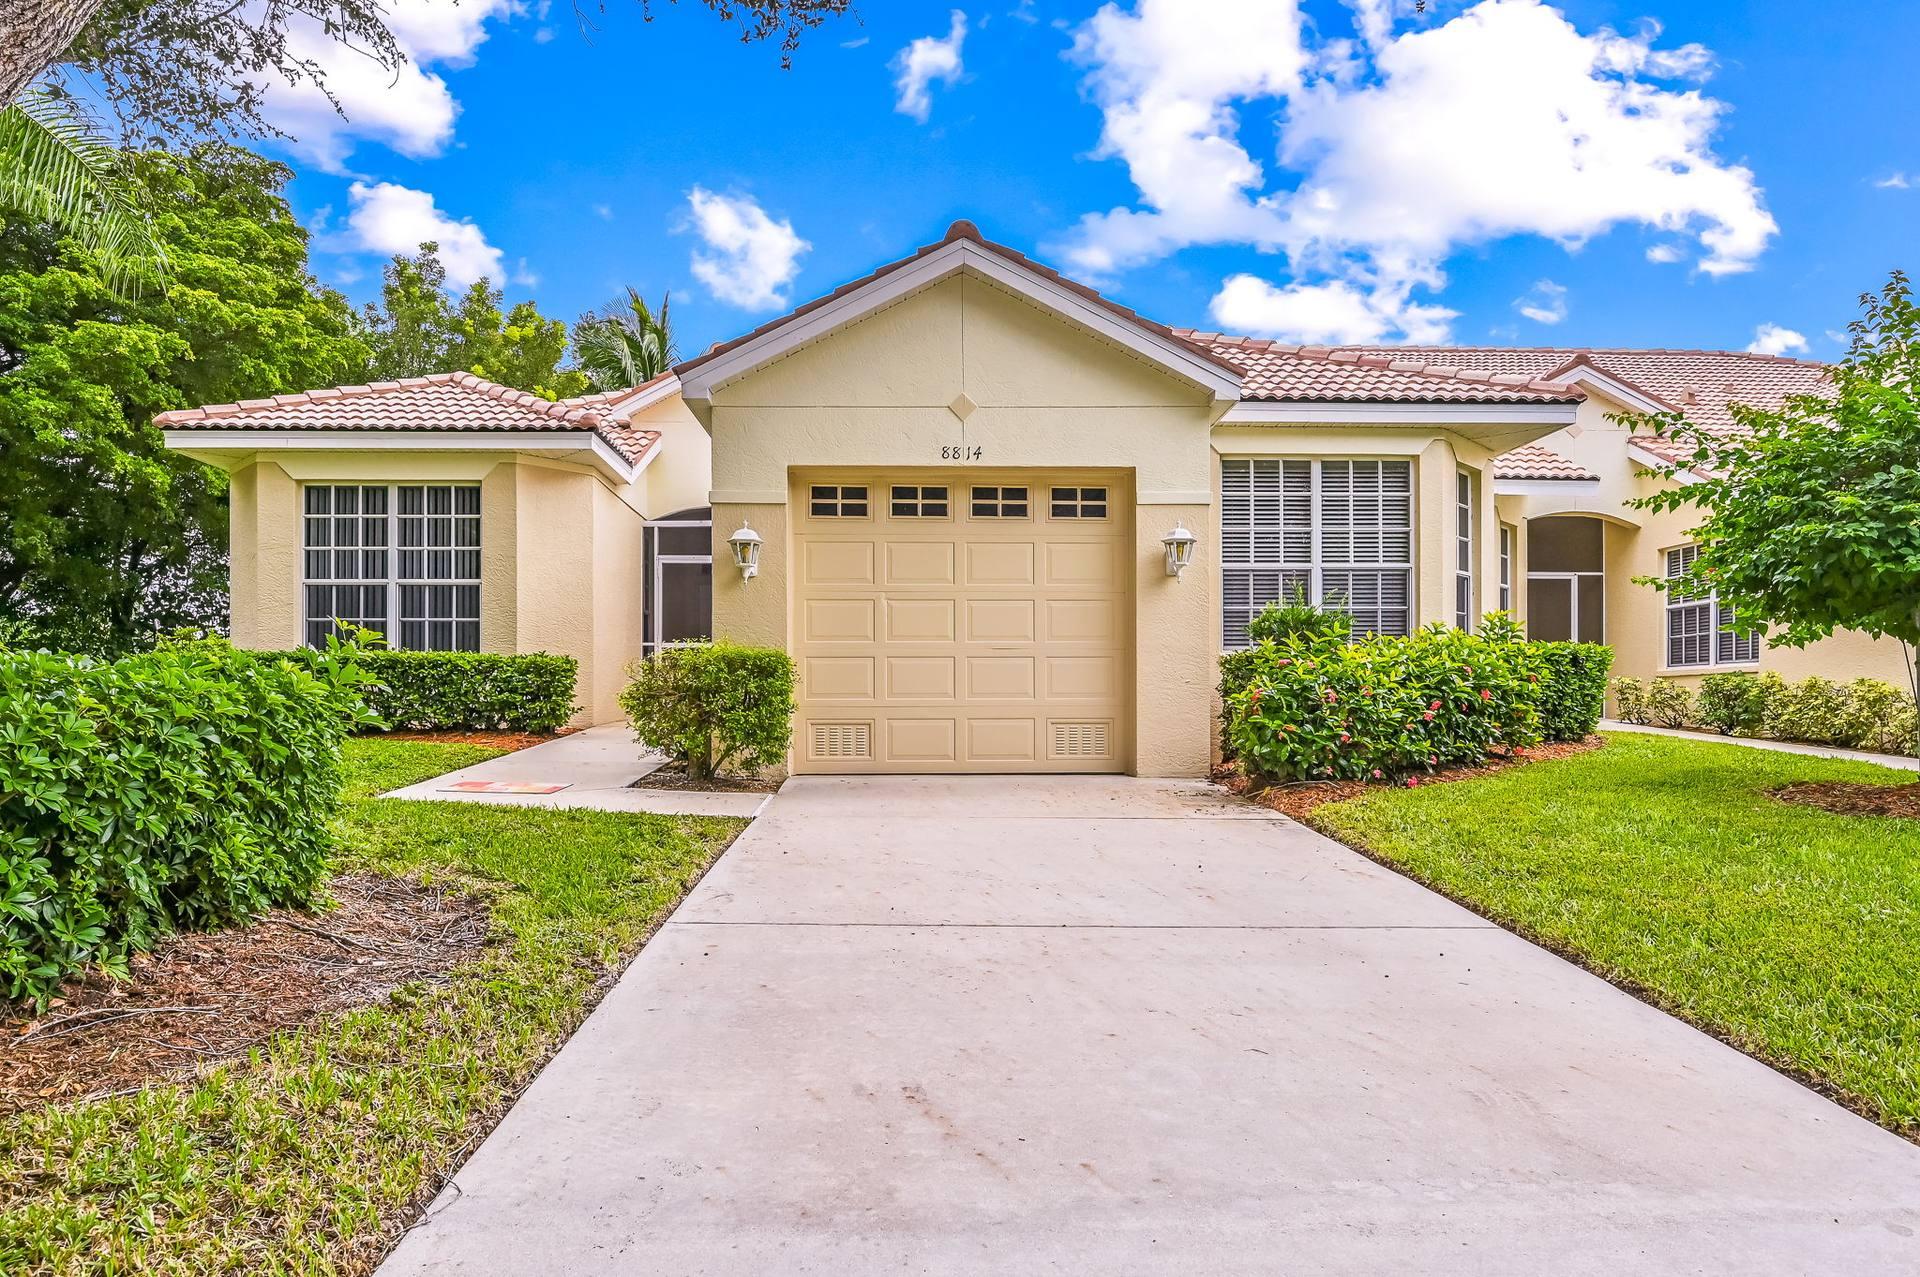 8814 Middlebrook Dr, Fort Myers, FL 33908, USA